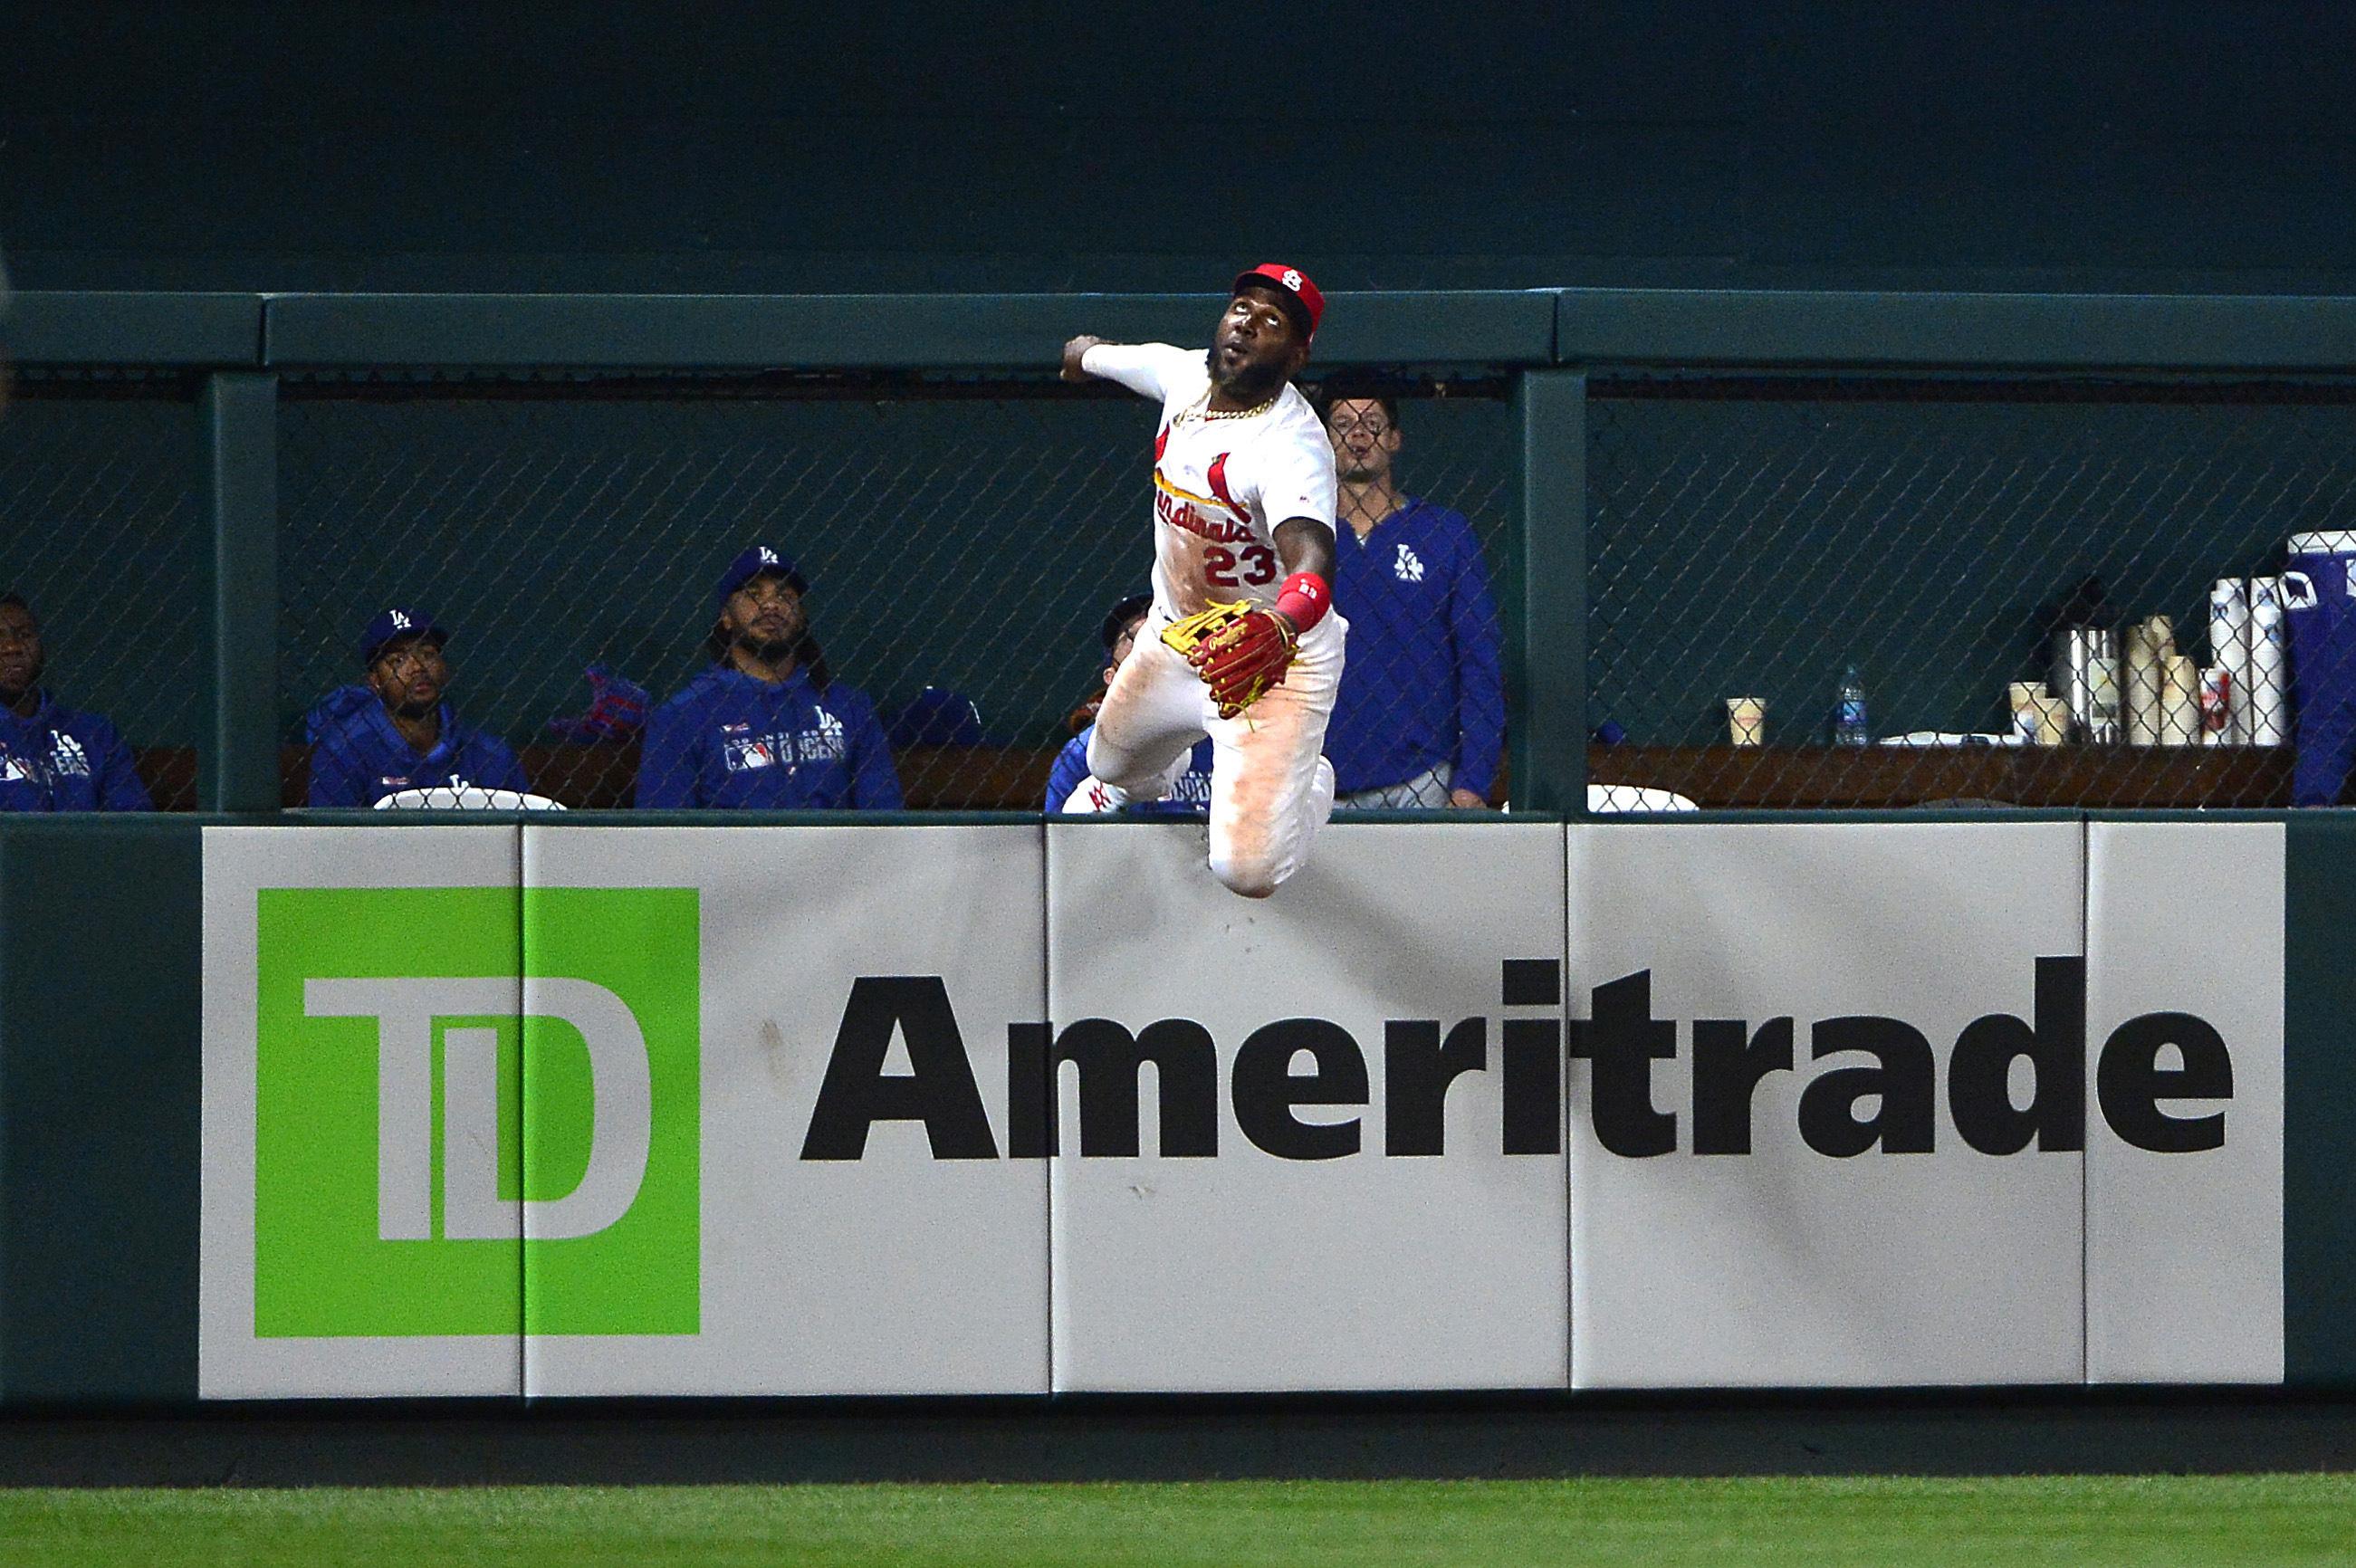 美国职业棒球大联盟:洛杉矶道奇队对圣路易斯红雀队